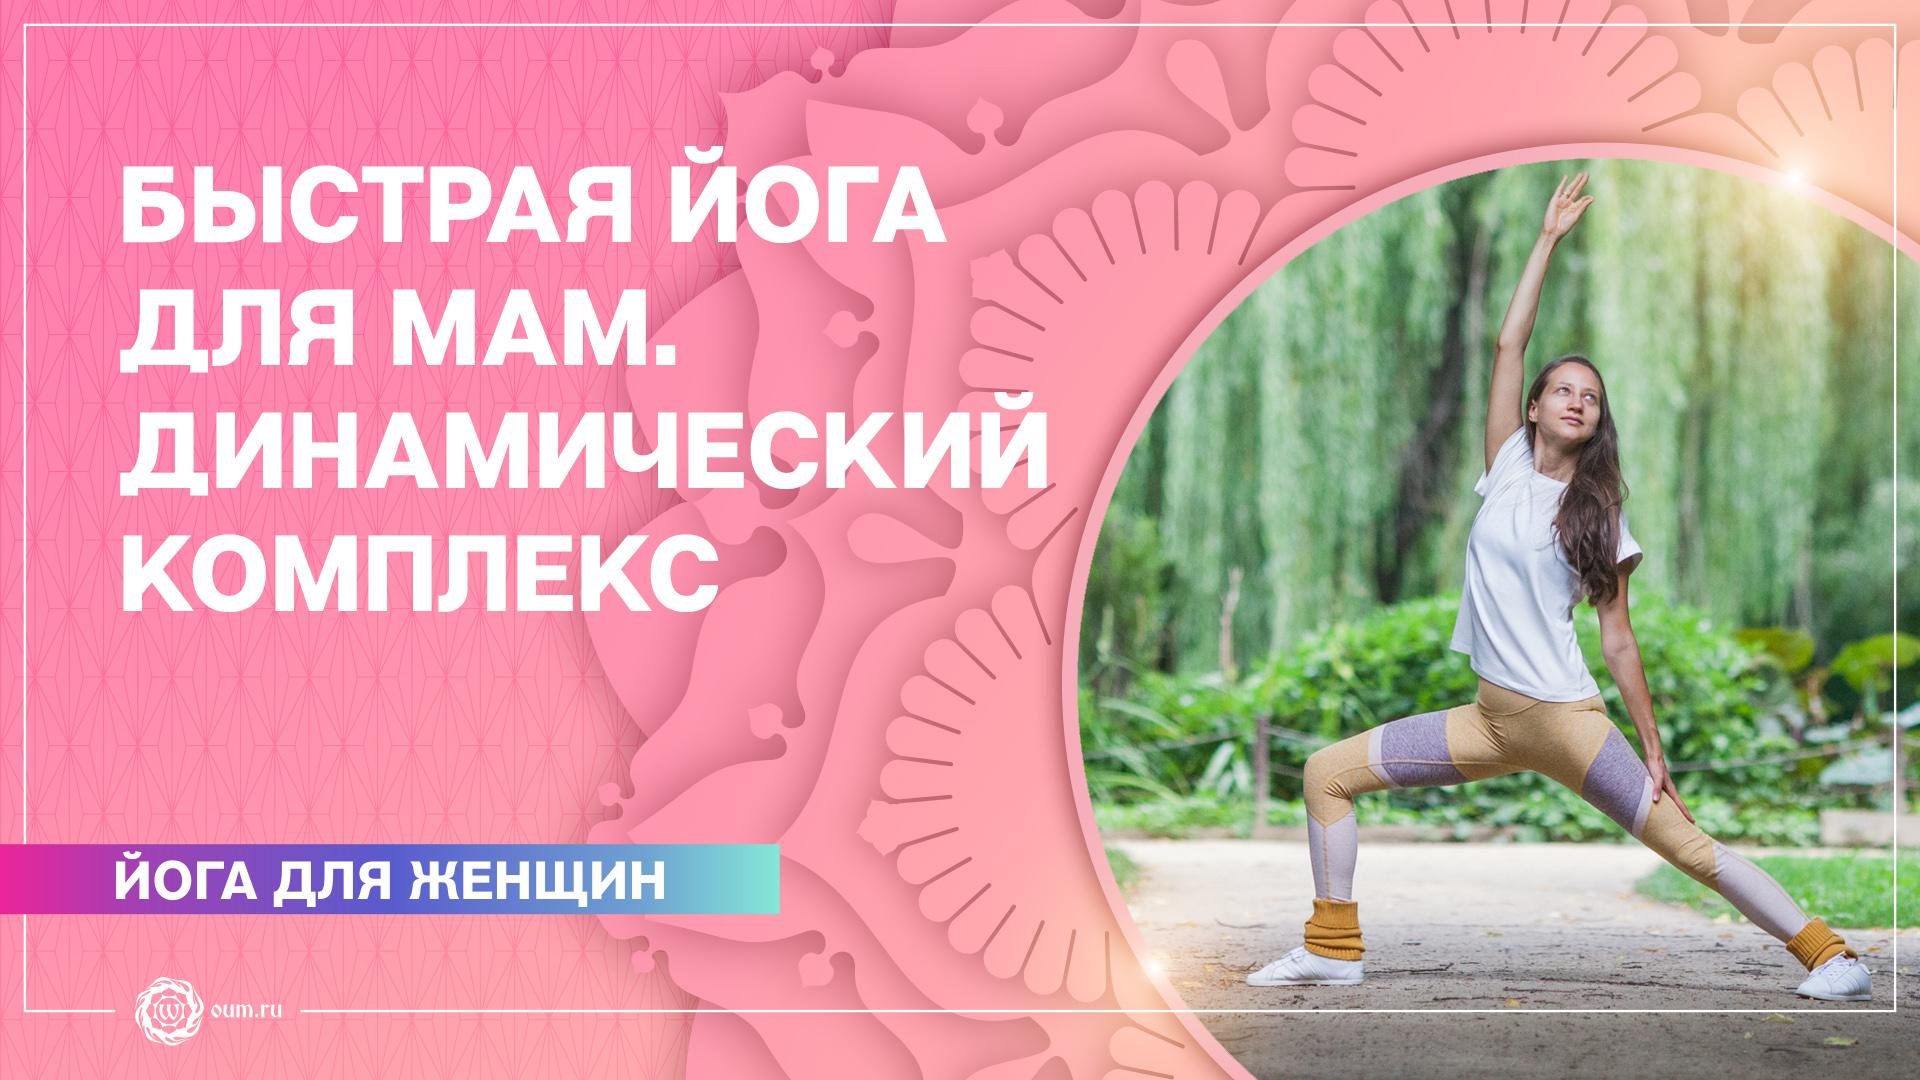 Быстрая йога для мам. Динамический комплекс. Александра Штукатурова